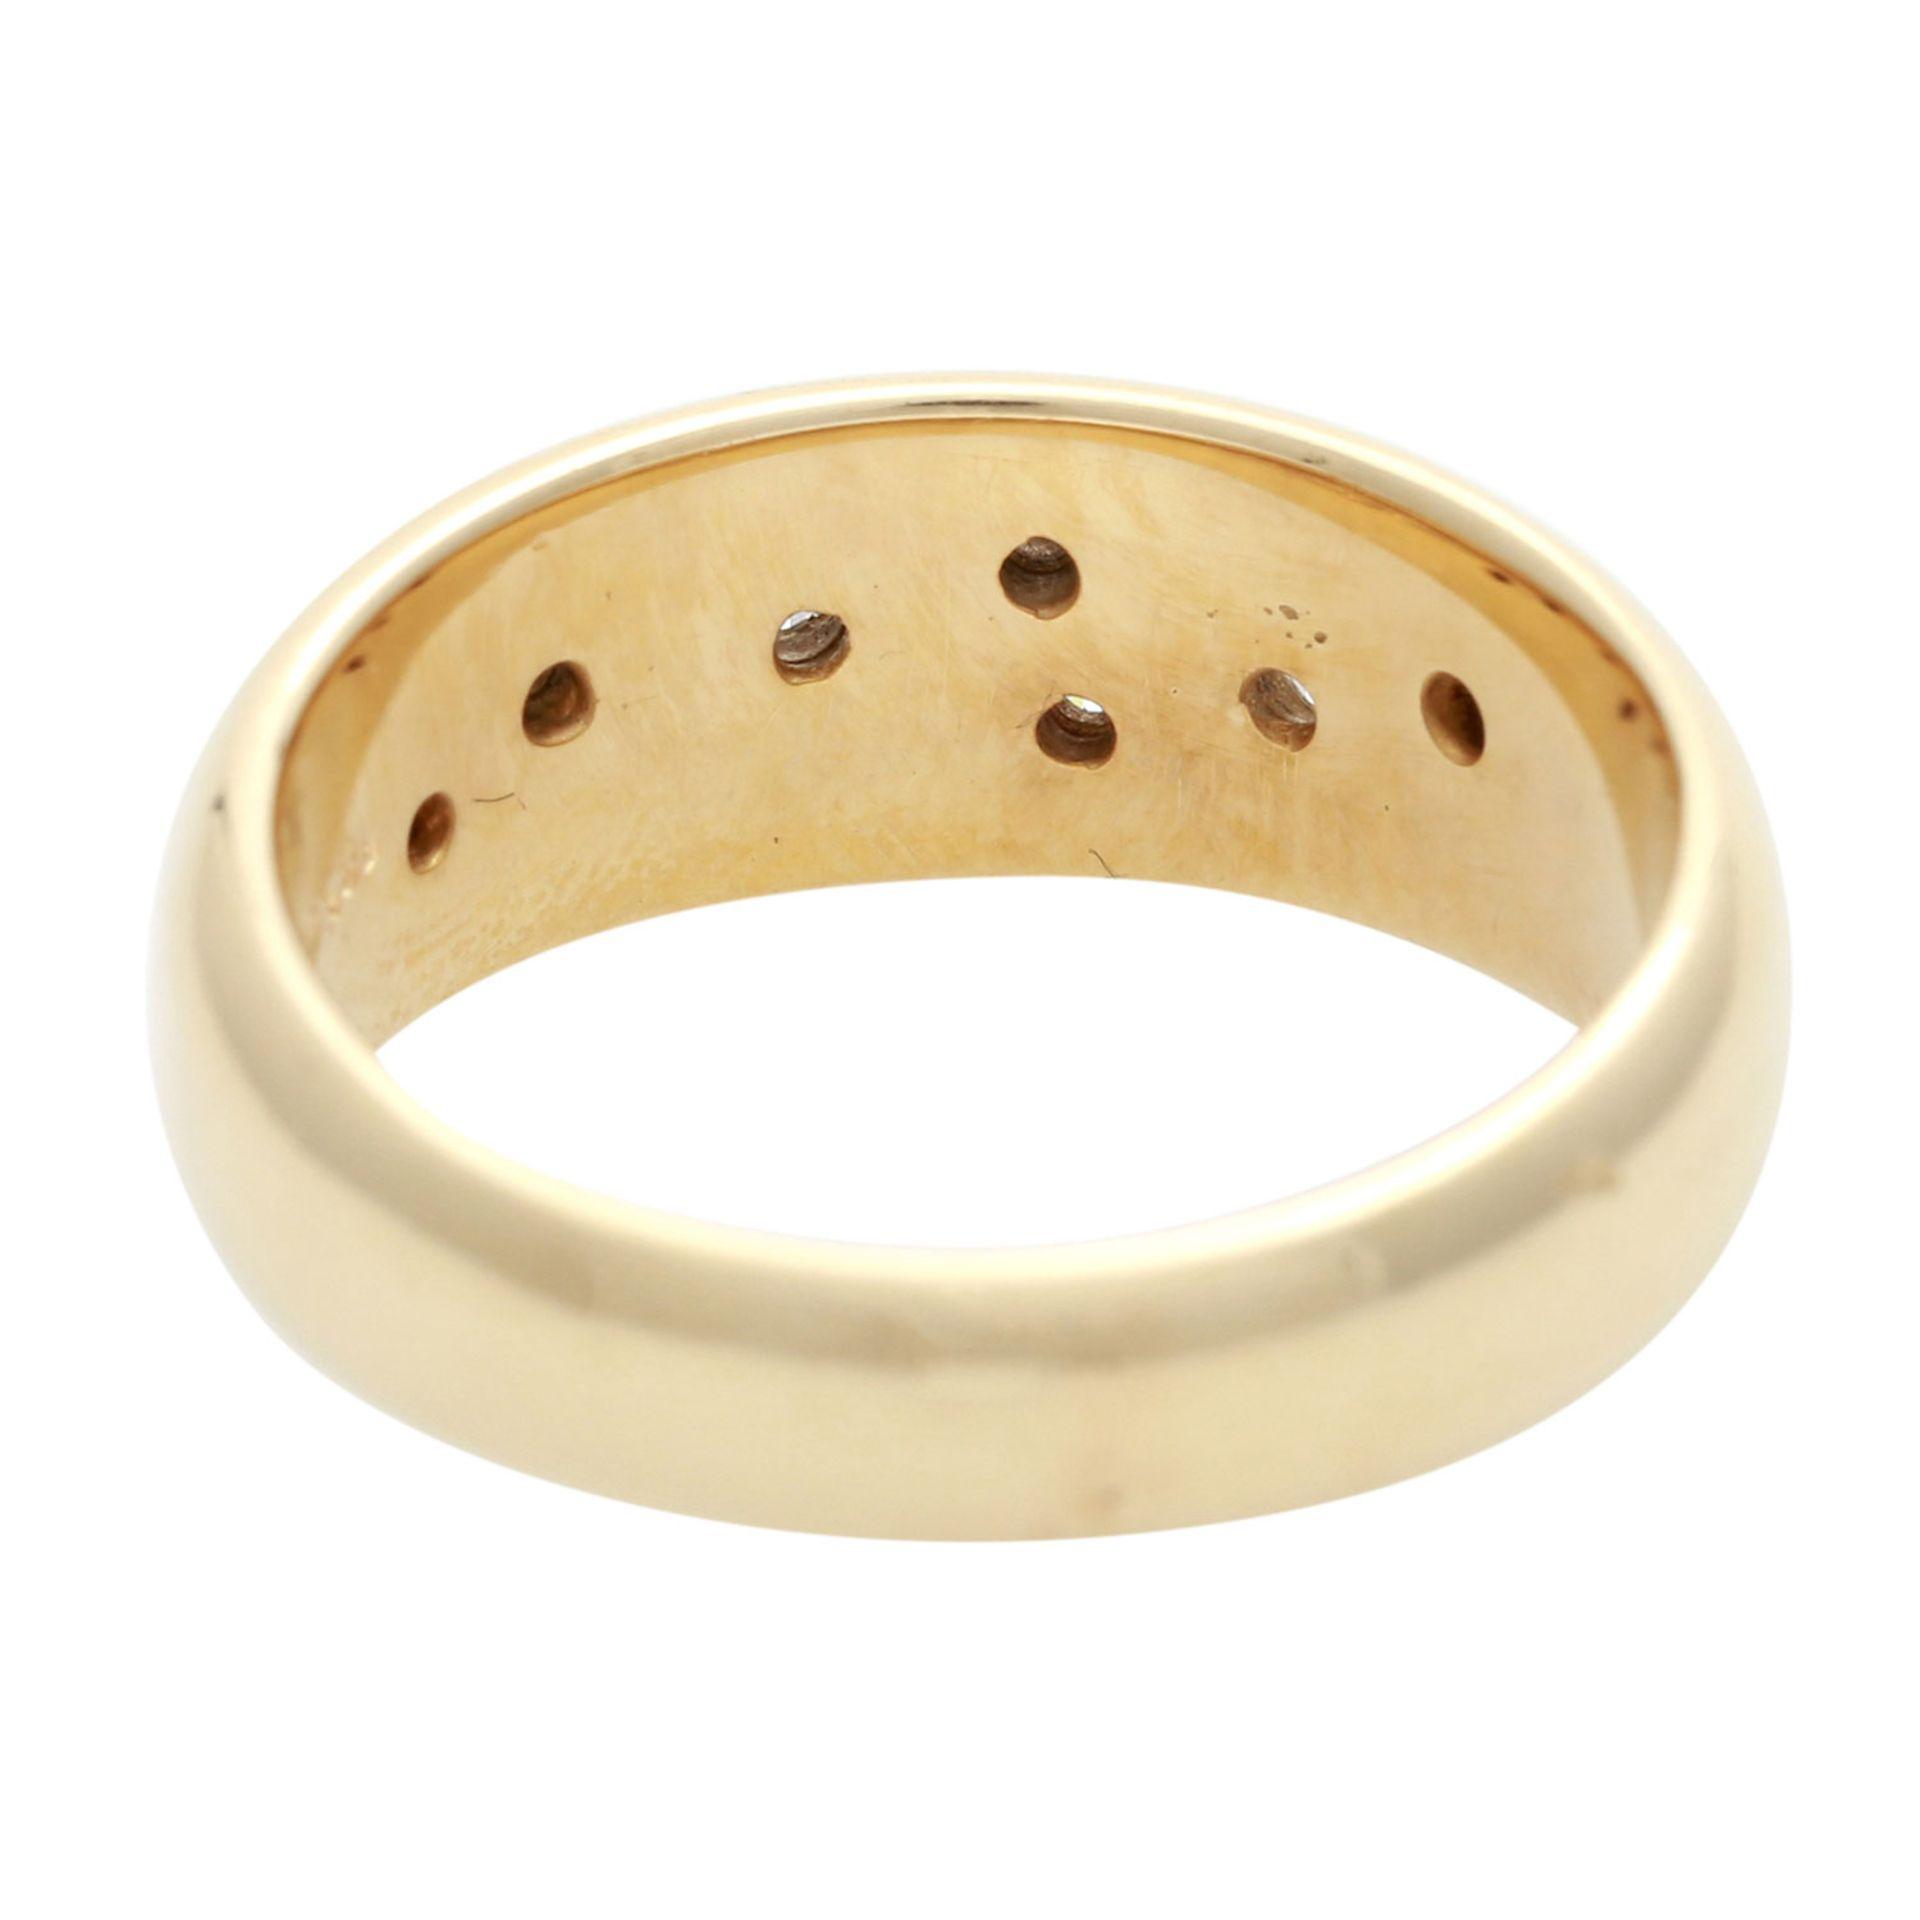 Los 140 - Ring besetzt mit 7 Brillanten, zus. ca. 0,21 ct, WEIß (H) / SI, GG 14K, RW 54,5, Bandring mit